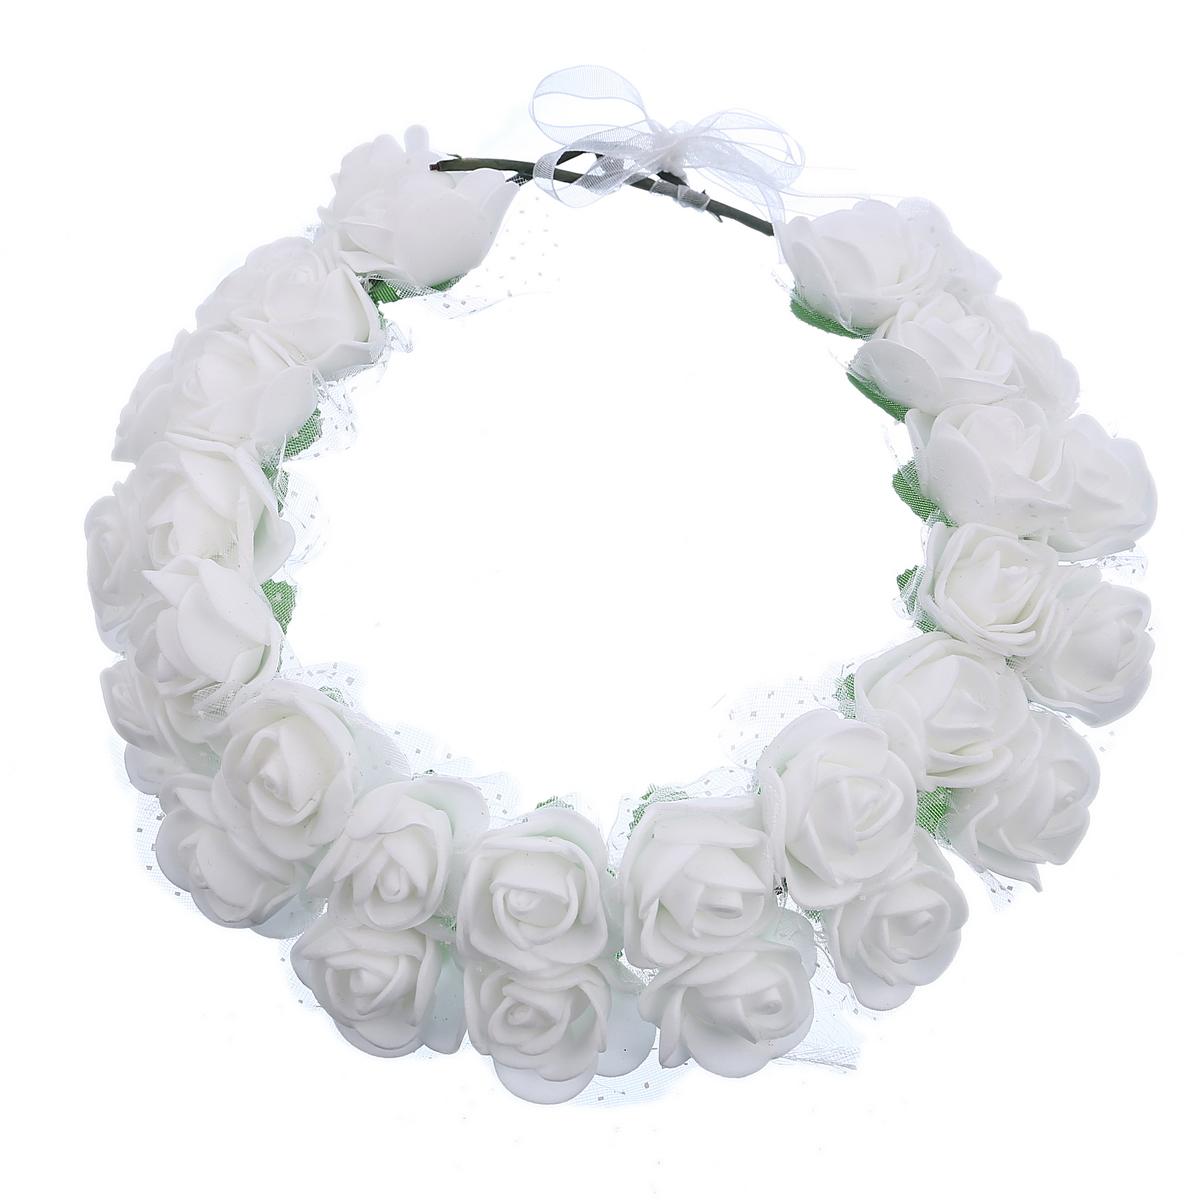 זר לראש 2 שורות פרחי סול לבנים עם טול